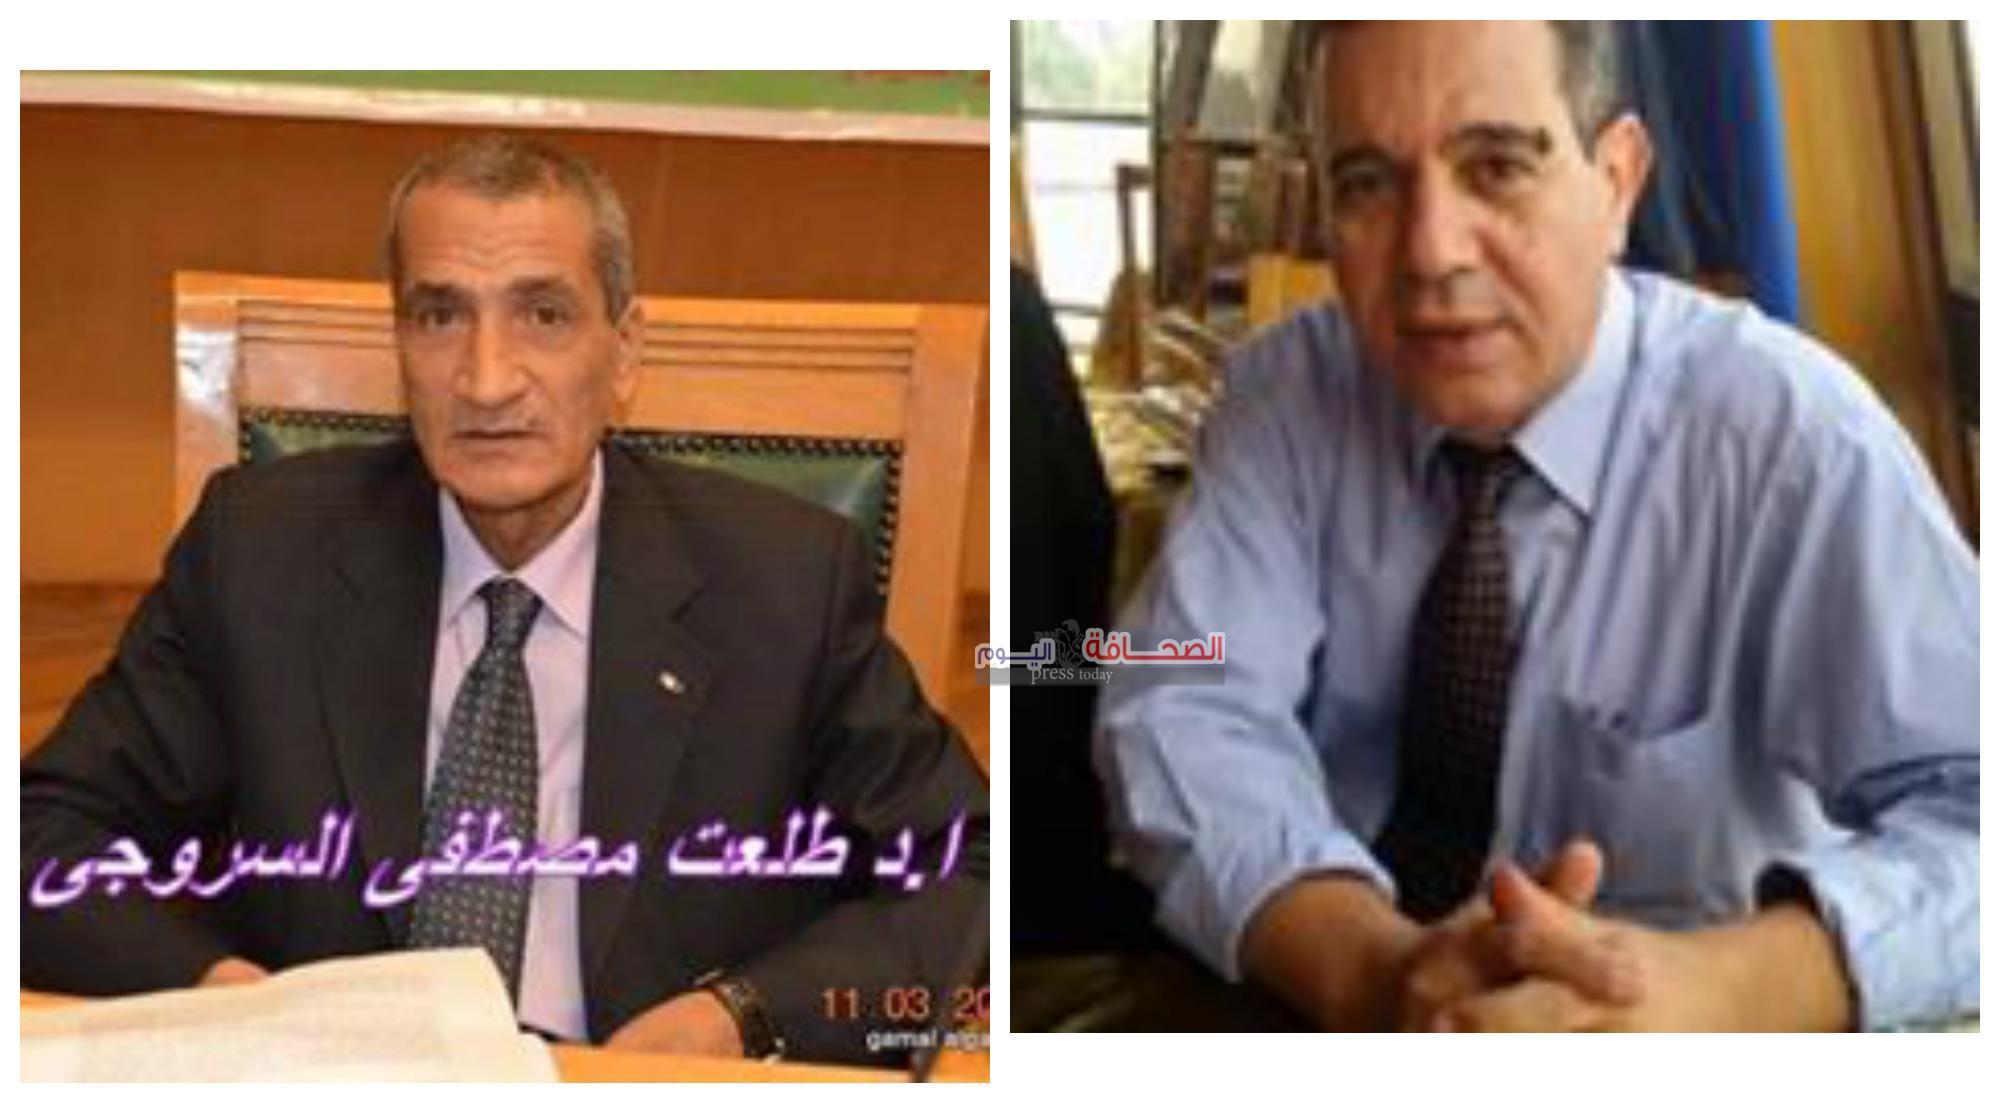 د. طلعت السروجى رئيساّللجمعية المصرية للأخصائيين الإجتماعيين بمصر